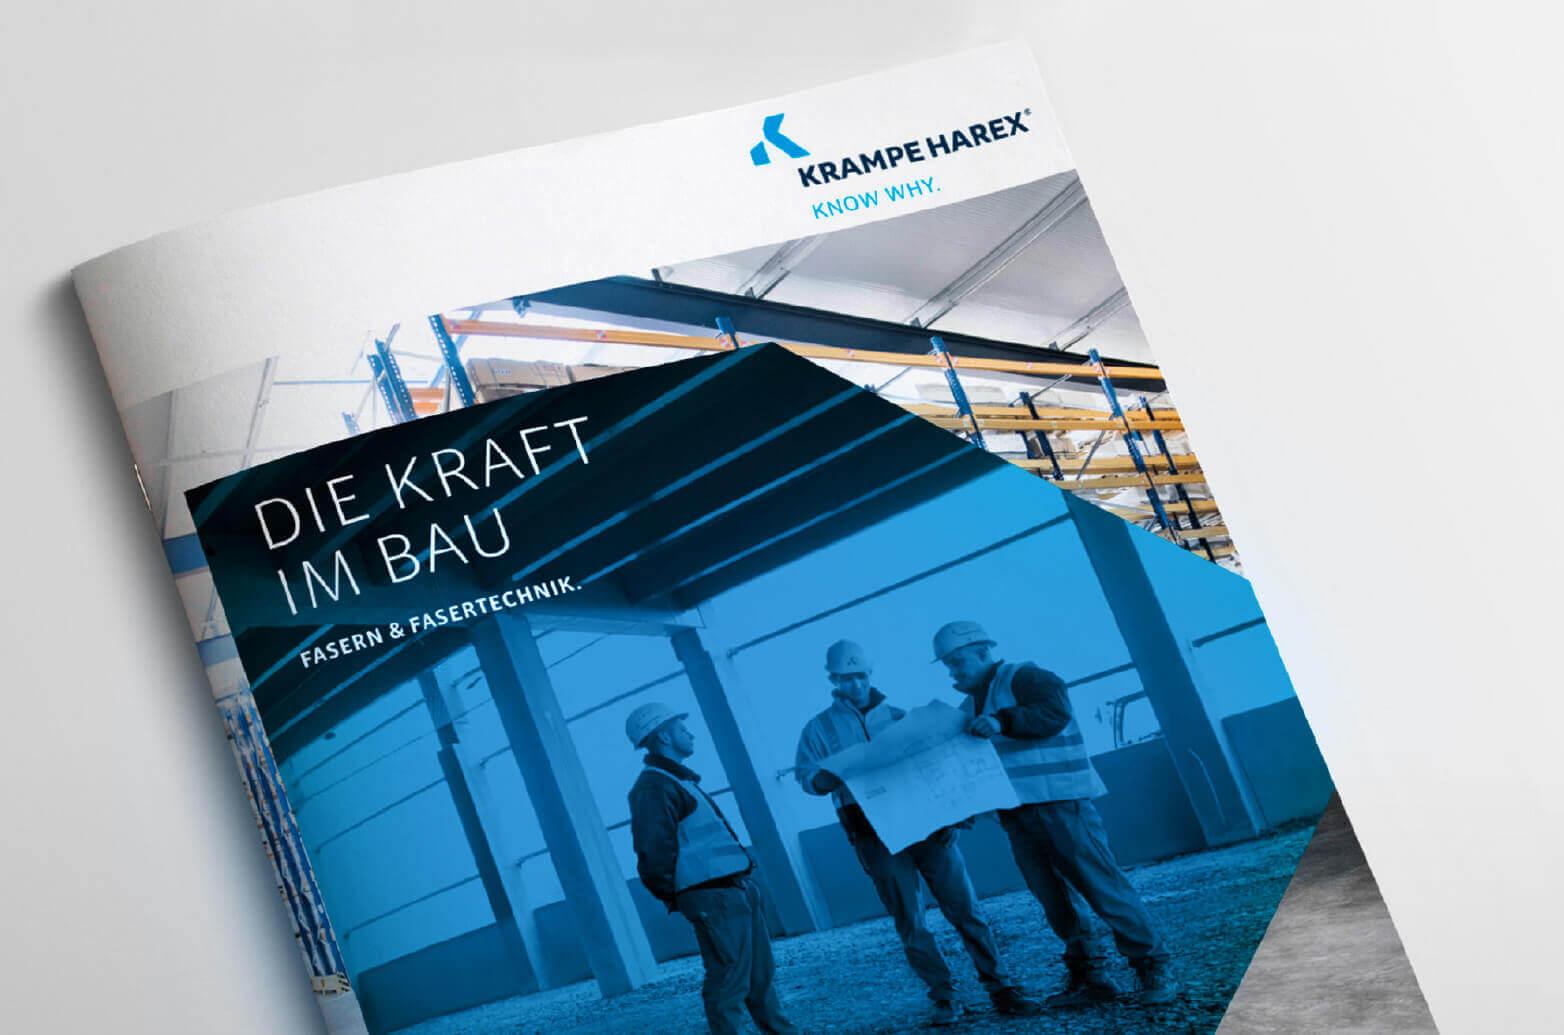 cyclos Krampe Harex Broschüre Stategieberatung Agentur Werbung Design